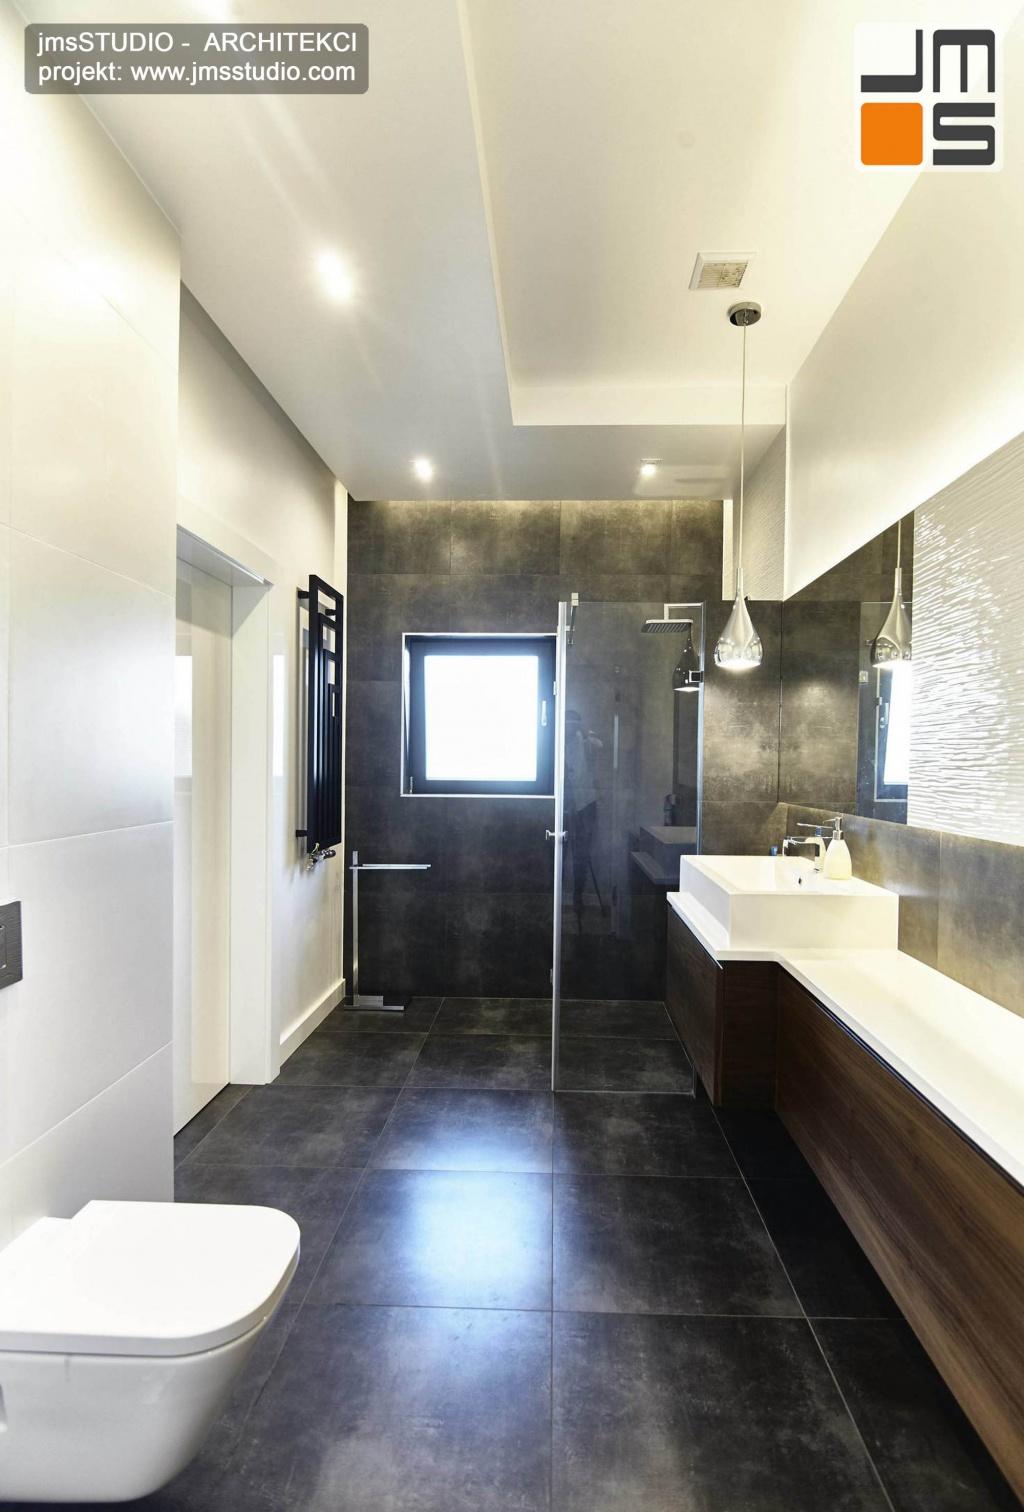 2018 06 w małej  łazience o dziwnym kształcie projekt wnętrz wprowadził sufit podwieszany z ciekawym oświetleniem oraz meble z drewna orzech i ciemne płytki